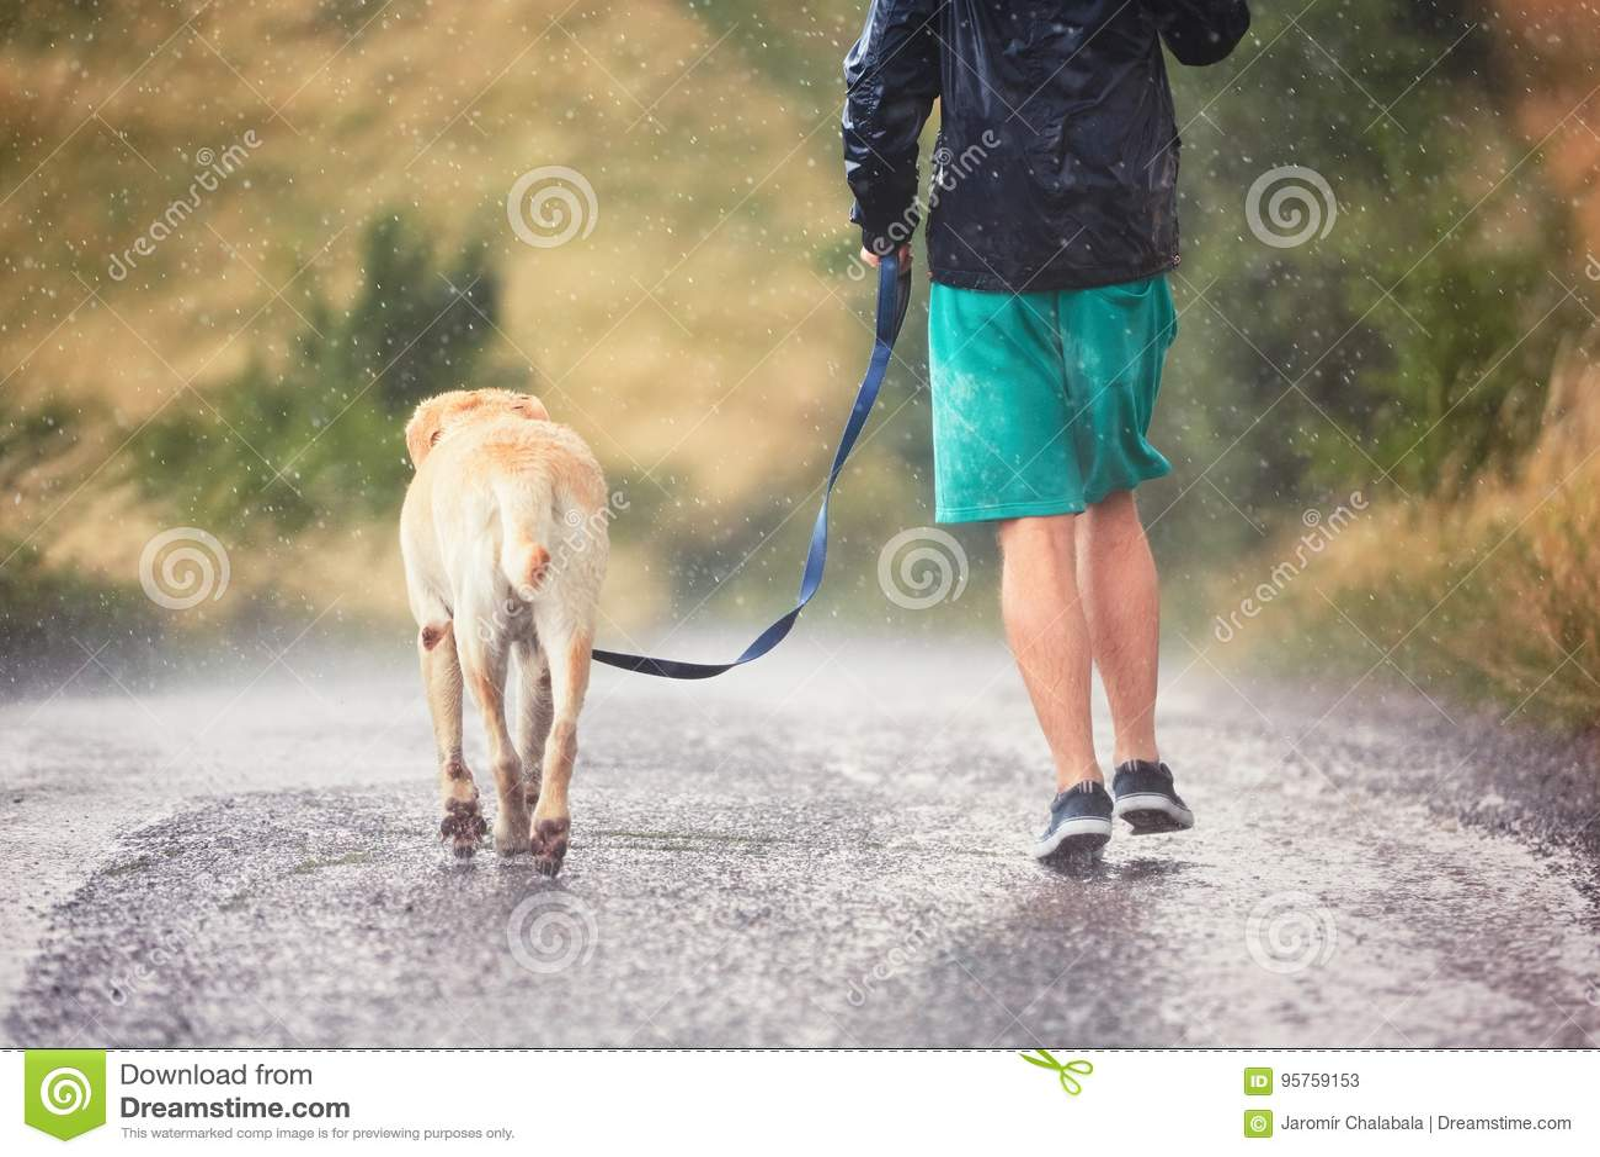 Человек с собакой в проливном дожде